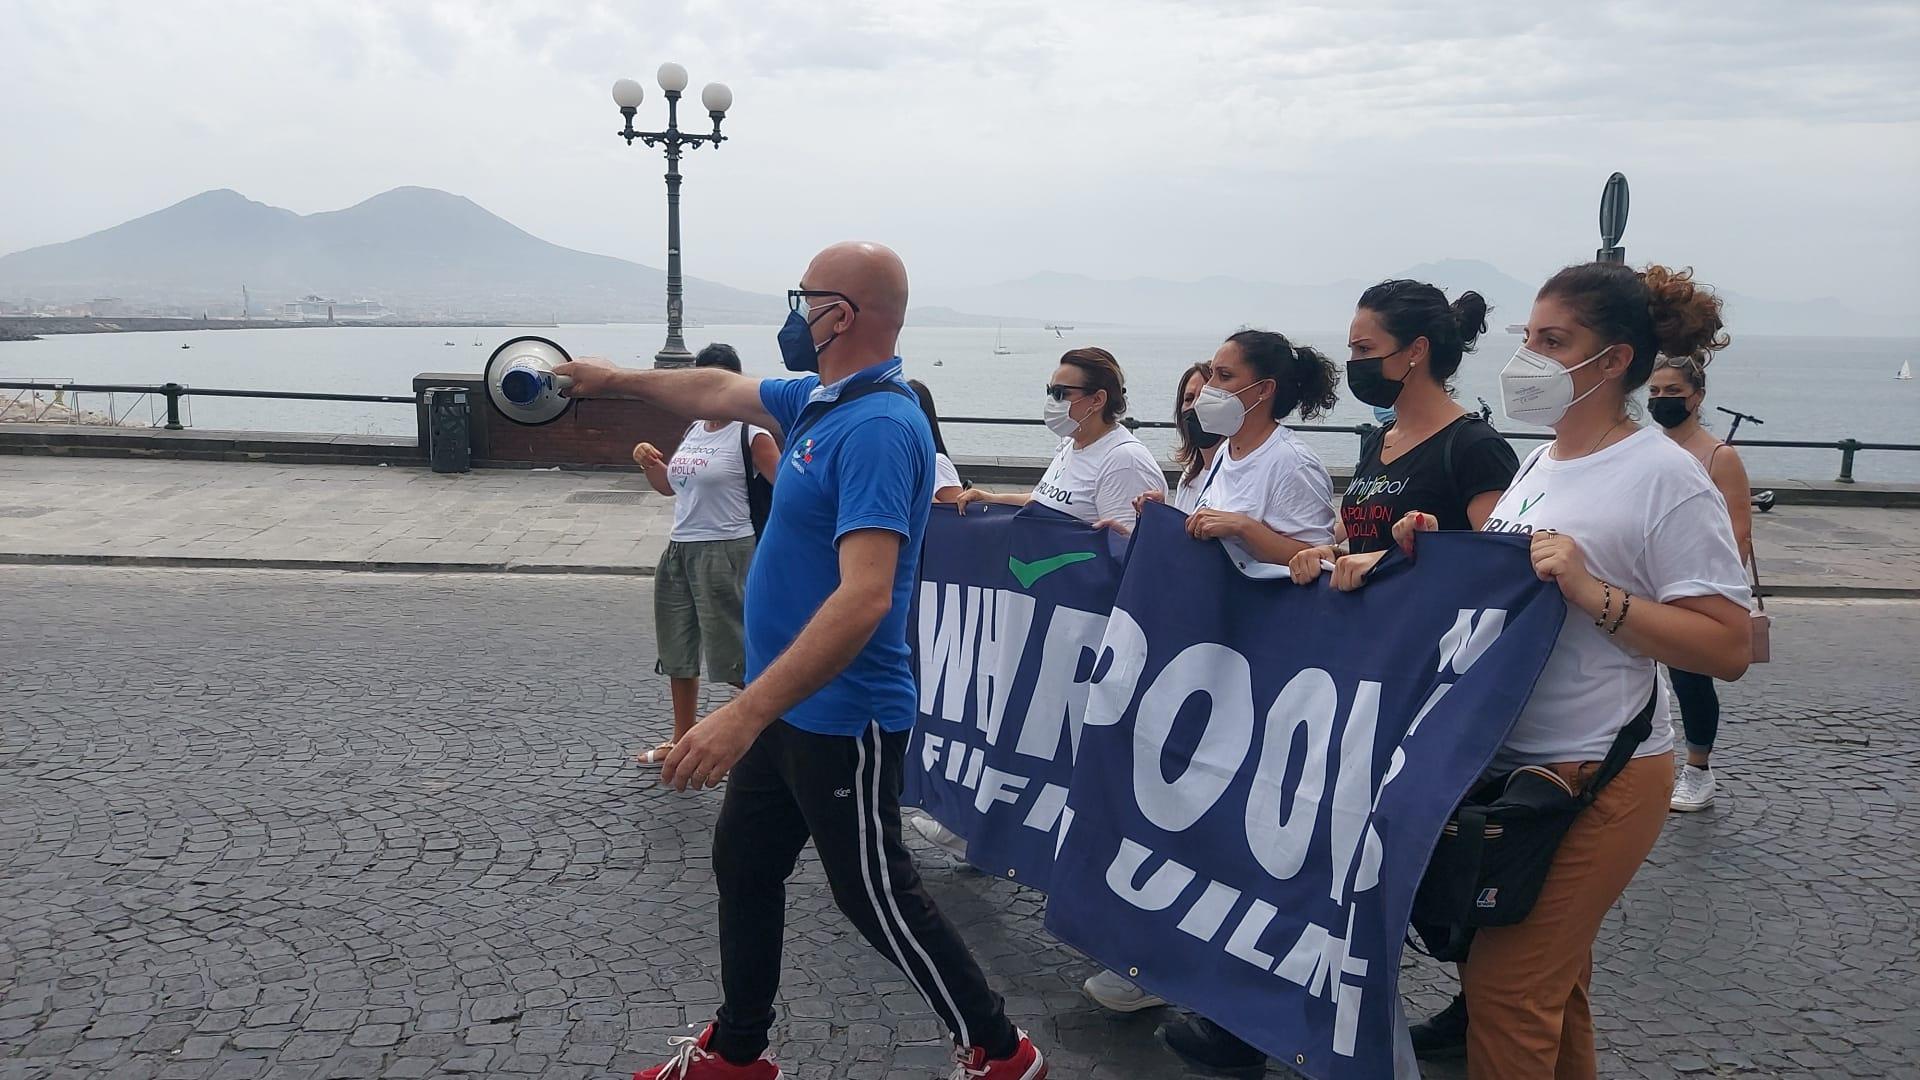 Napoli, De Luca rifiuta di incontrare gli operai Whirlpool: blocco stradale sul lungomare